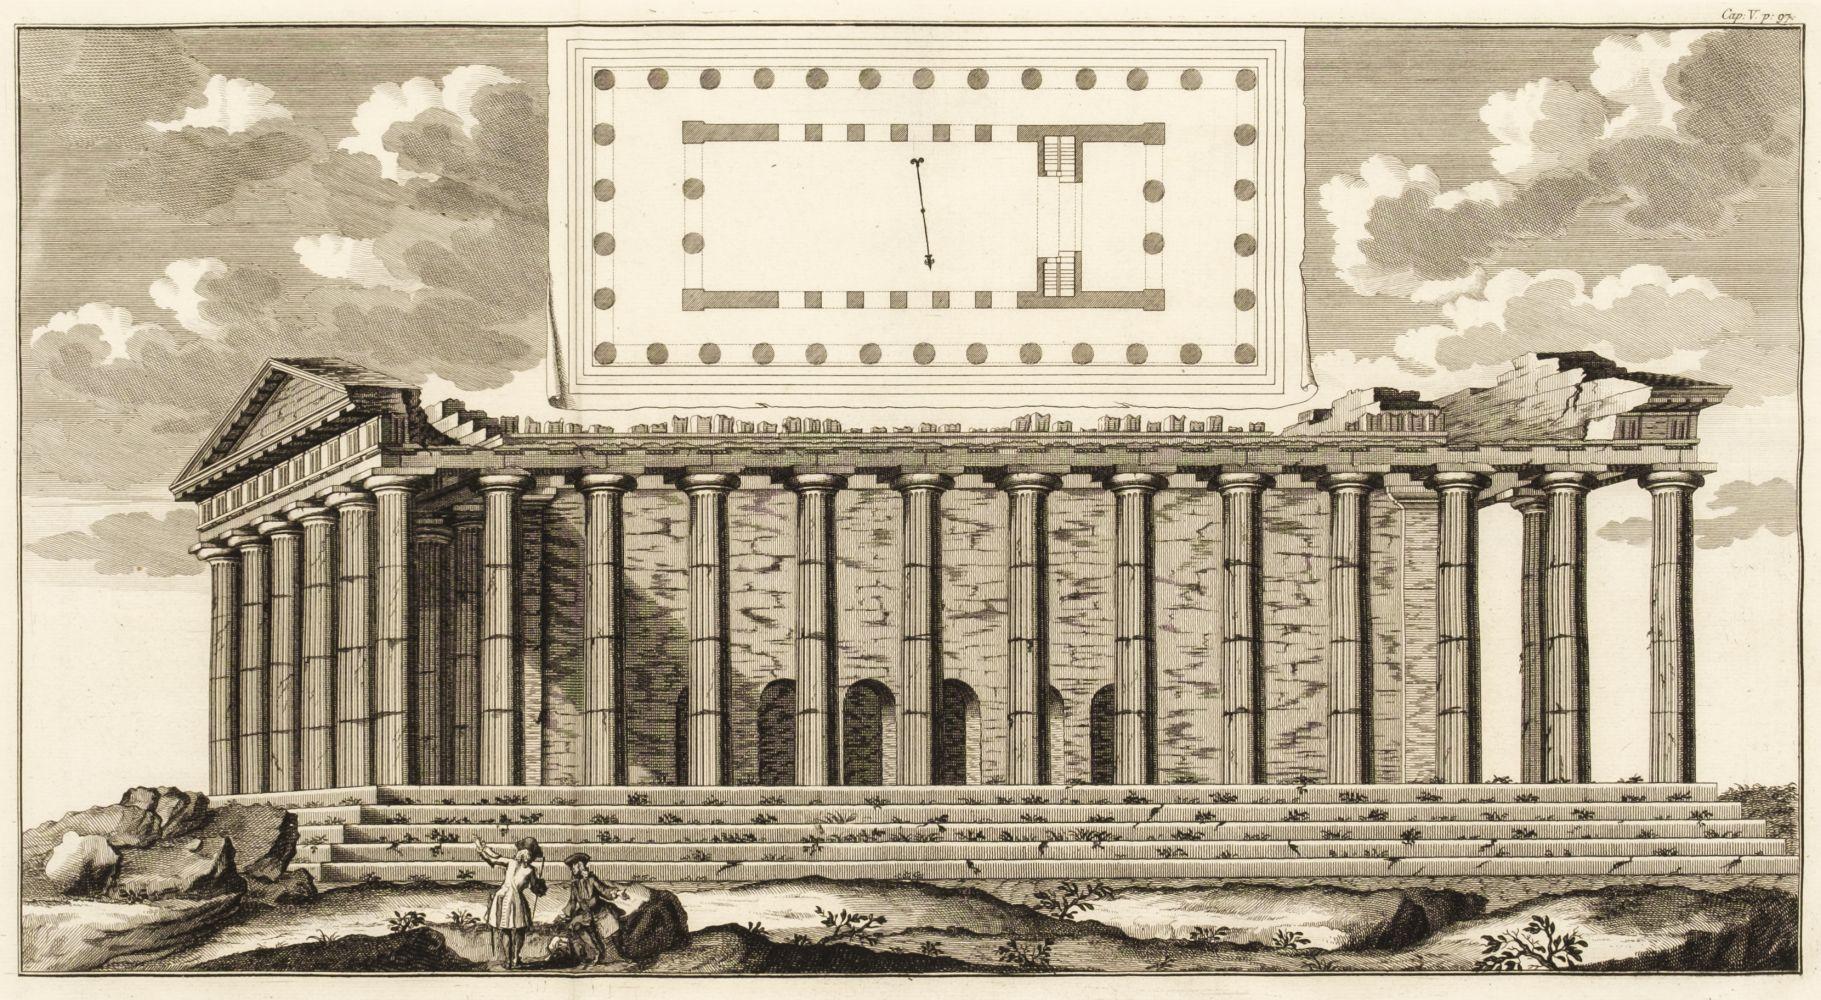 Orville (Jacques Phillipe d'). Sicula, 1764